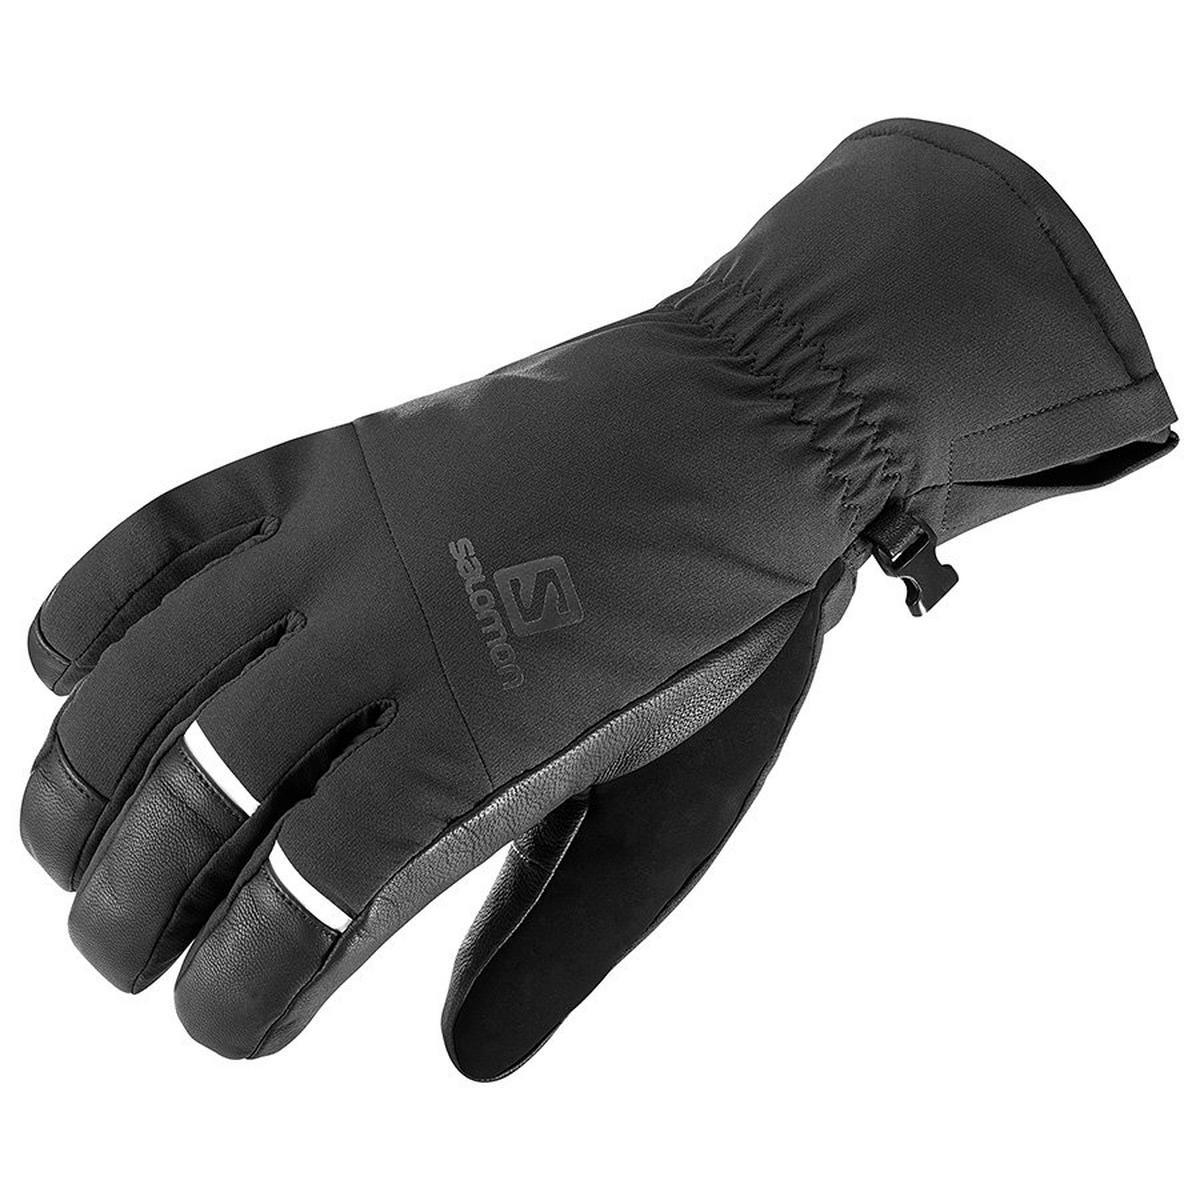 Salomon Men's Propeller Dry Gloves